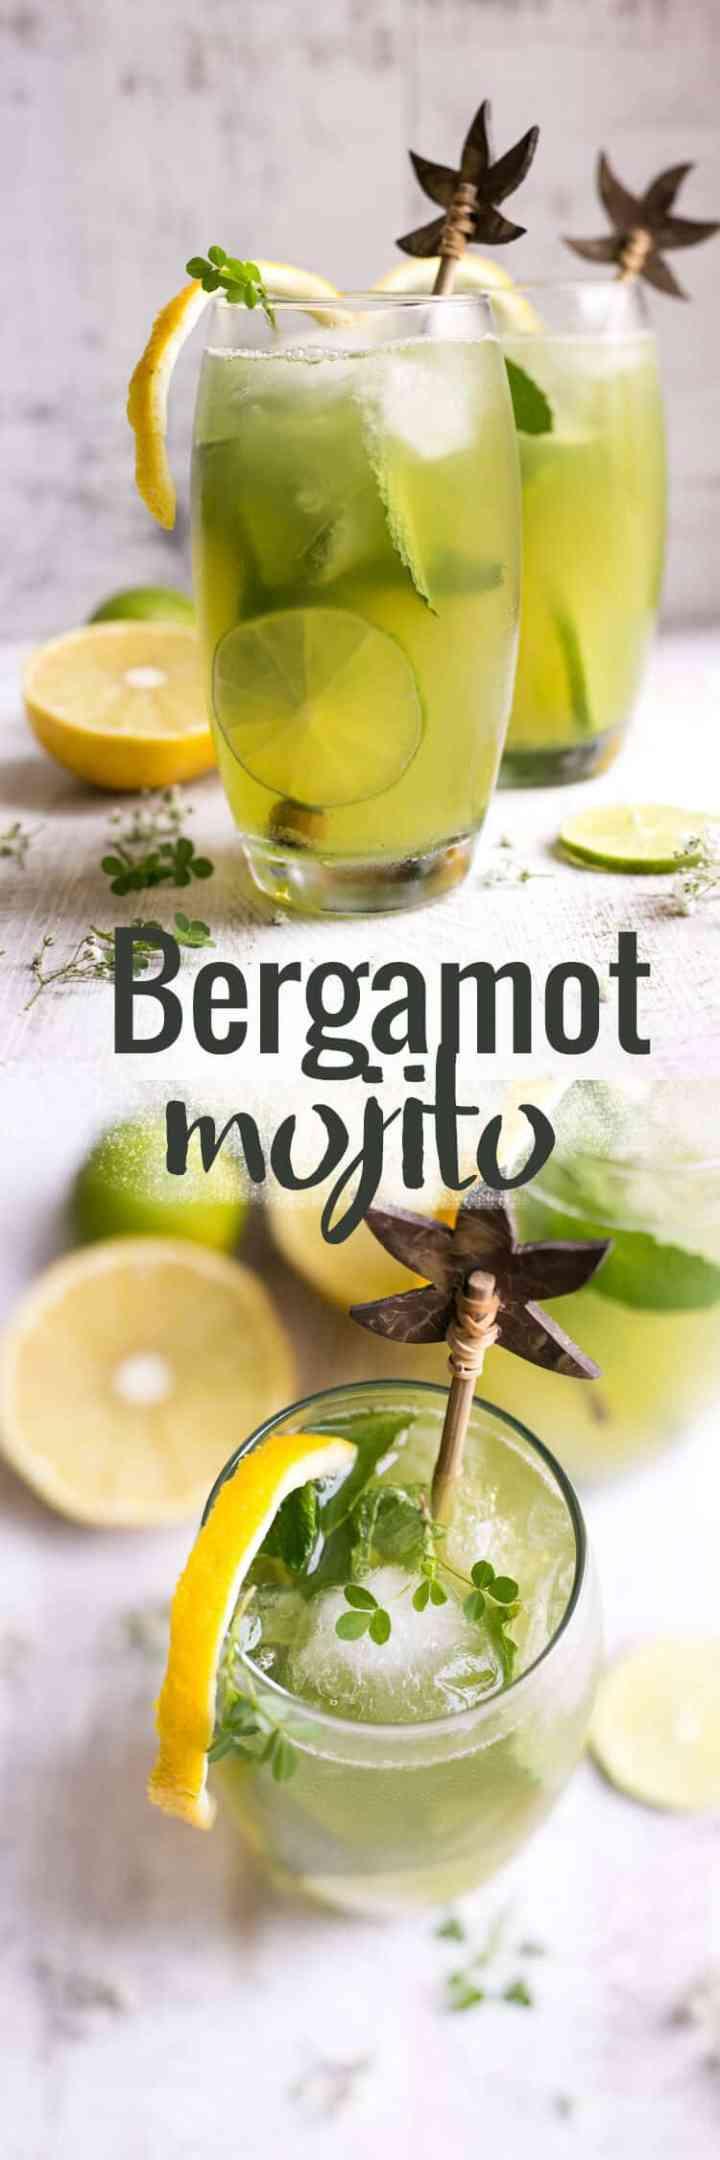 Beautifully fragrant bergamot mojito with fresh mint and Sorrento lemons | via @annabanana.co